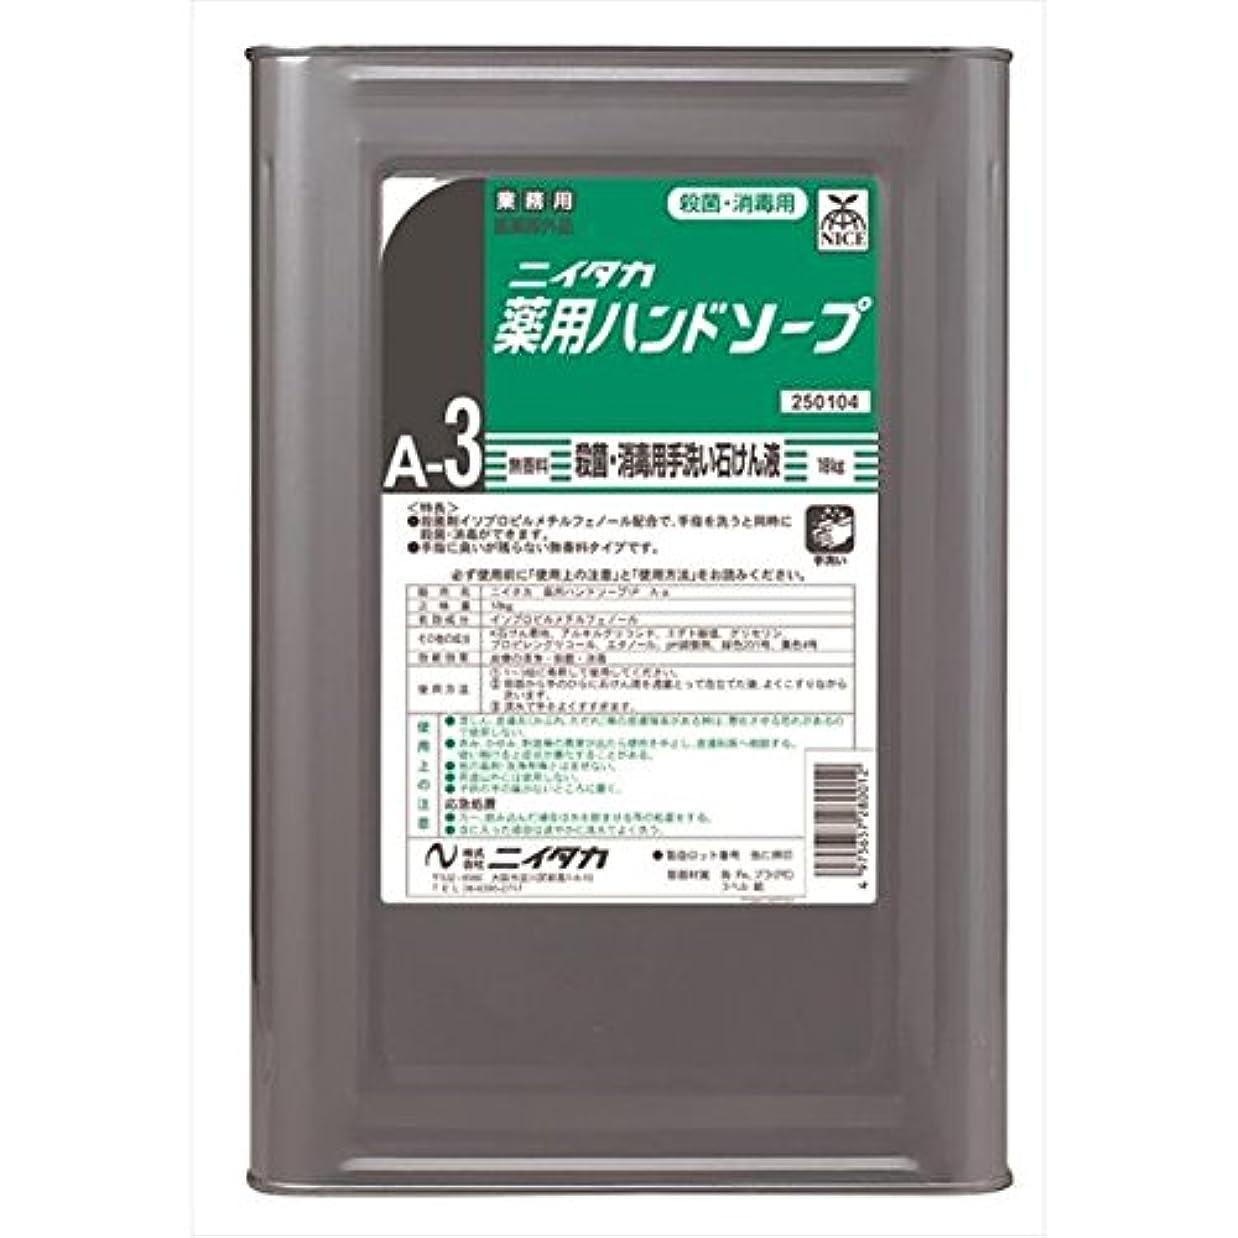 引き金首尾一貫したハウスニイタカ:薬用ハンドソープ(A-3) 18kg 250104